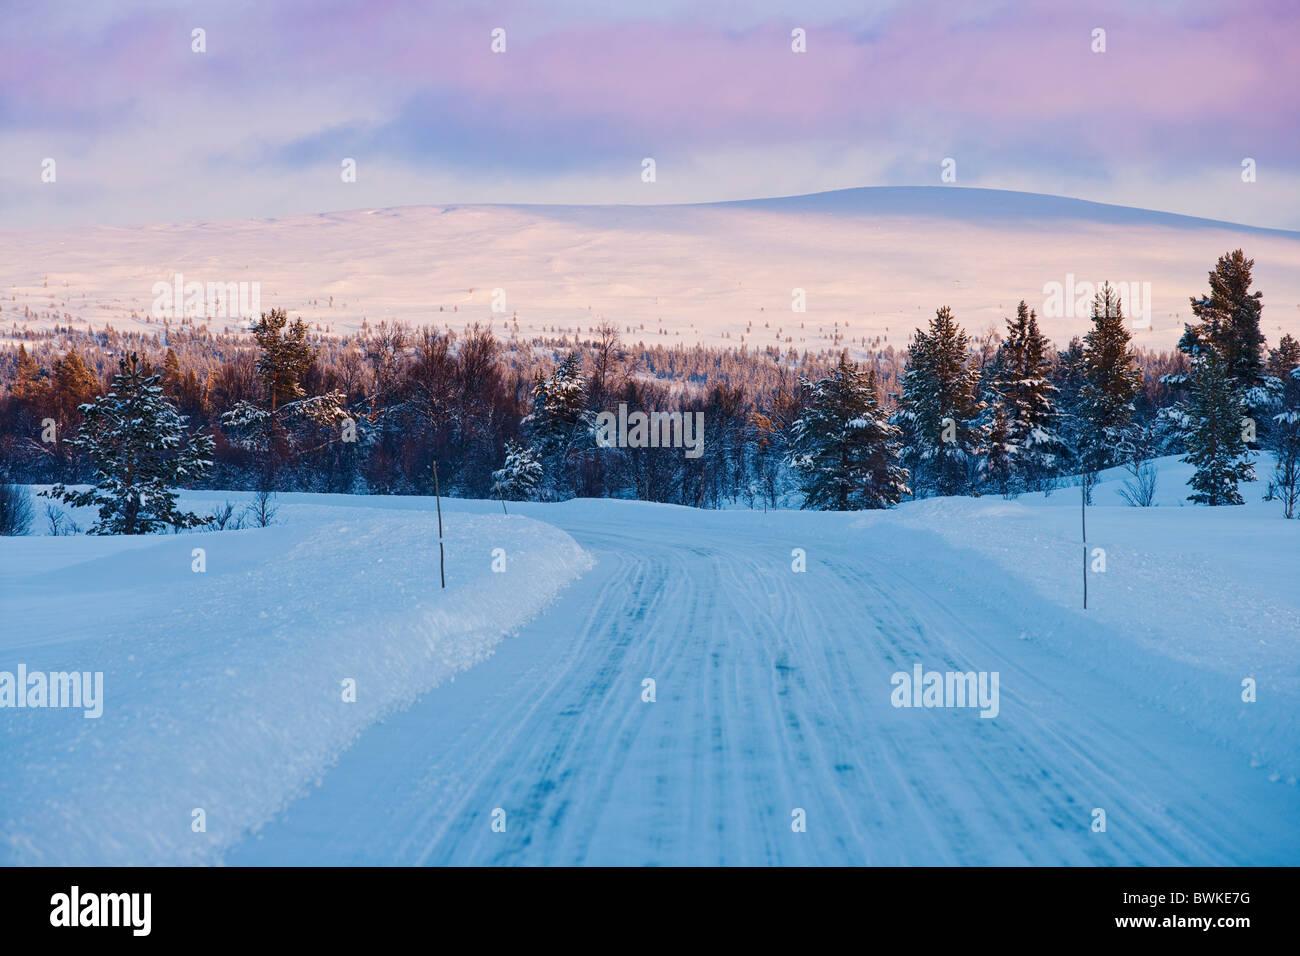 Winter-road.Grovelsjoen,Sweden - Stock Image